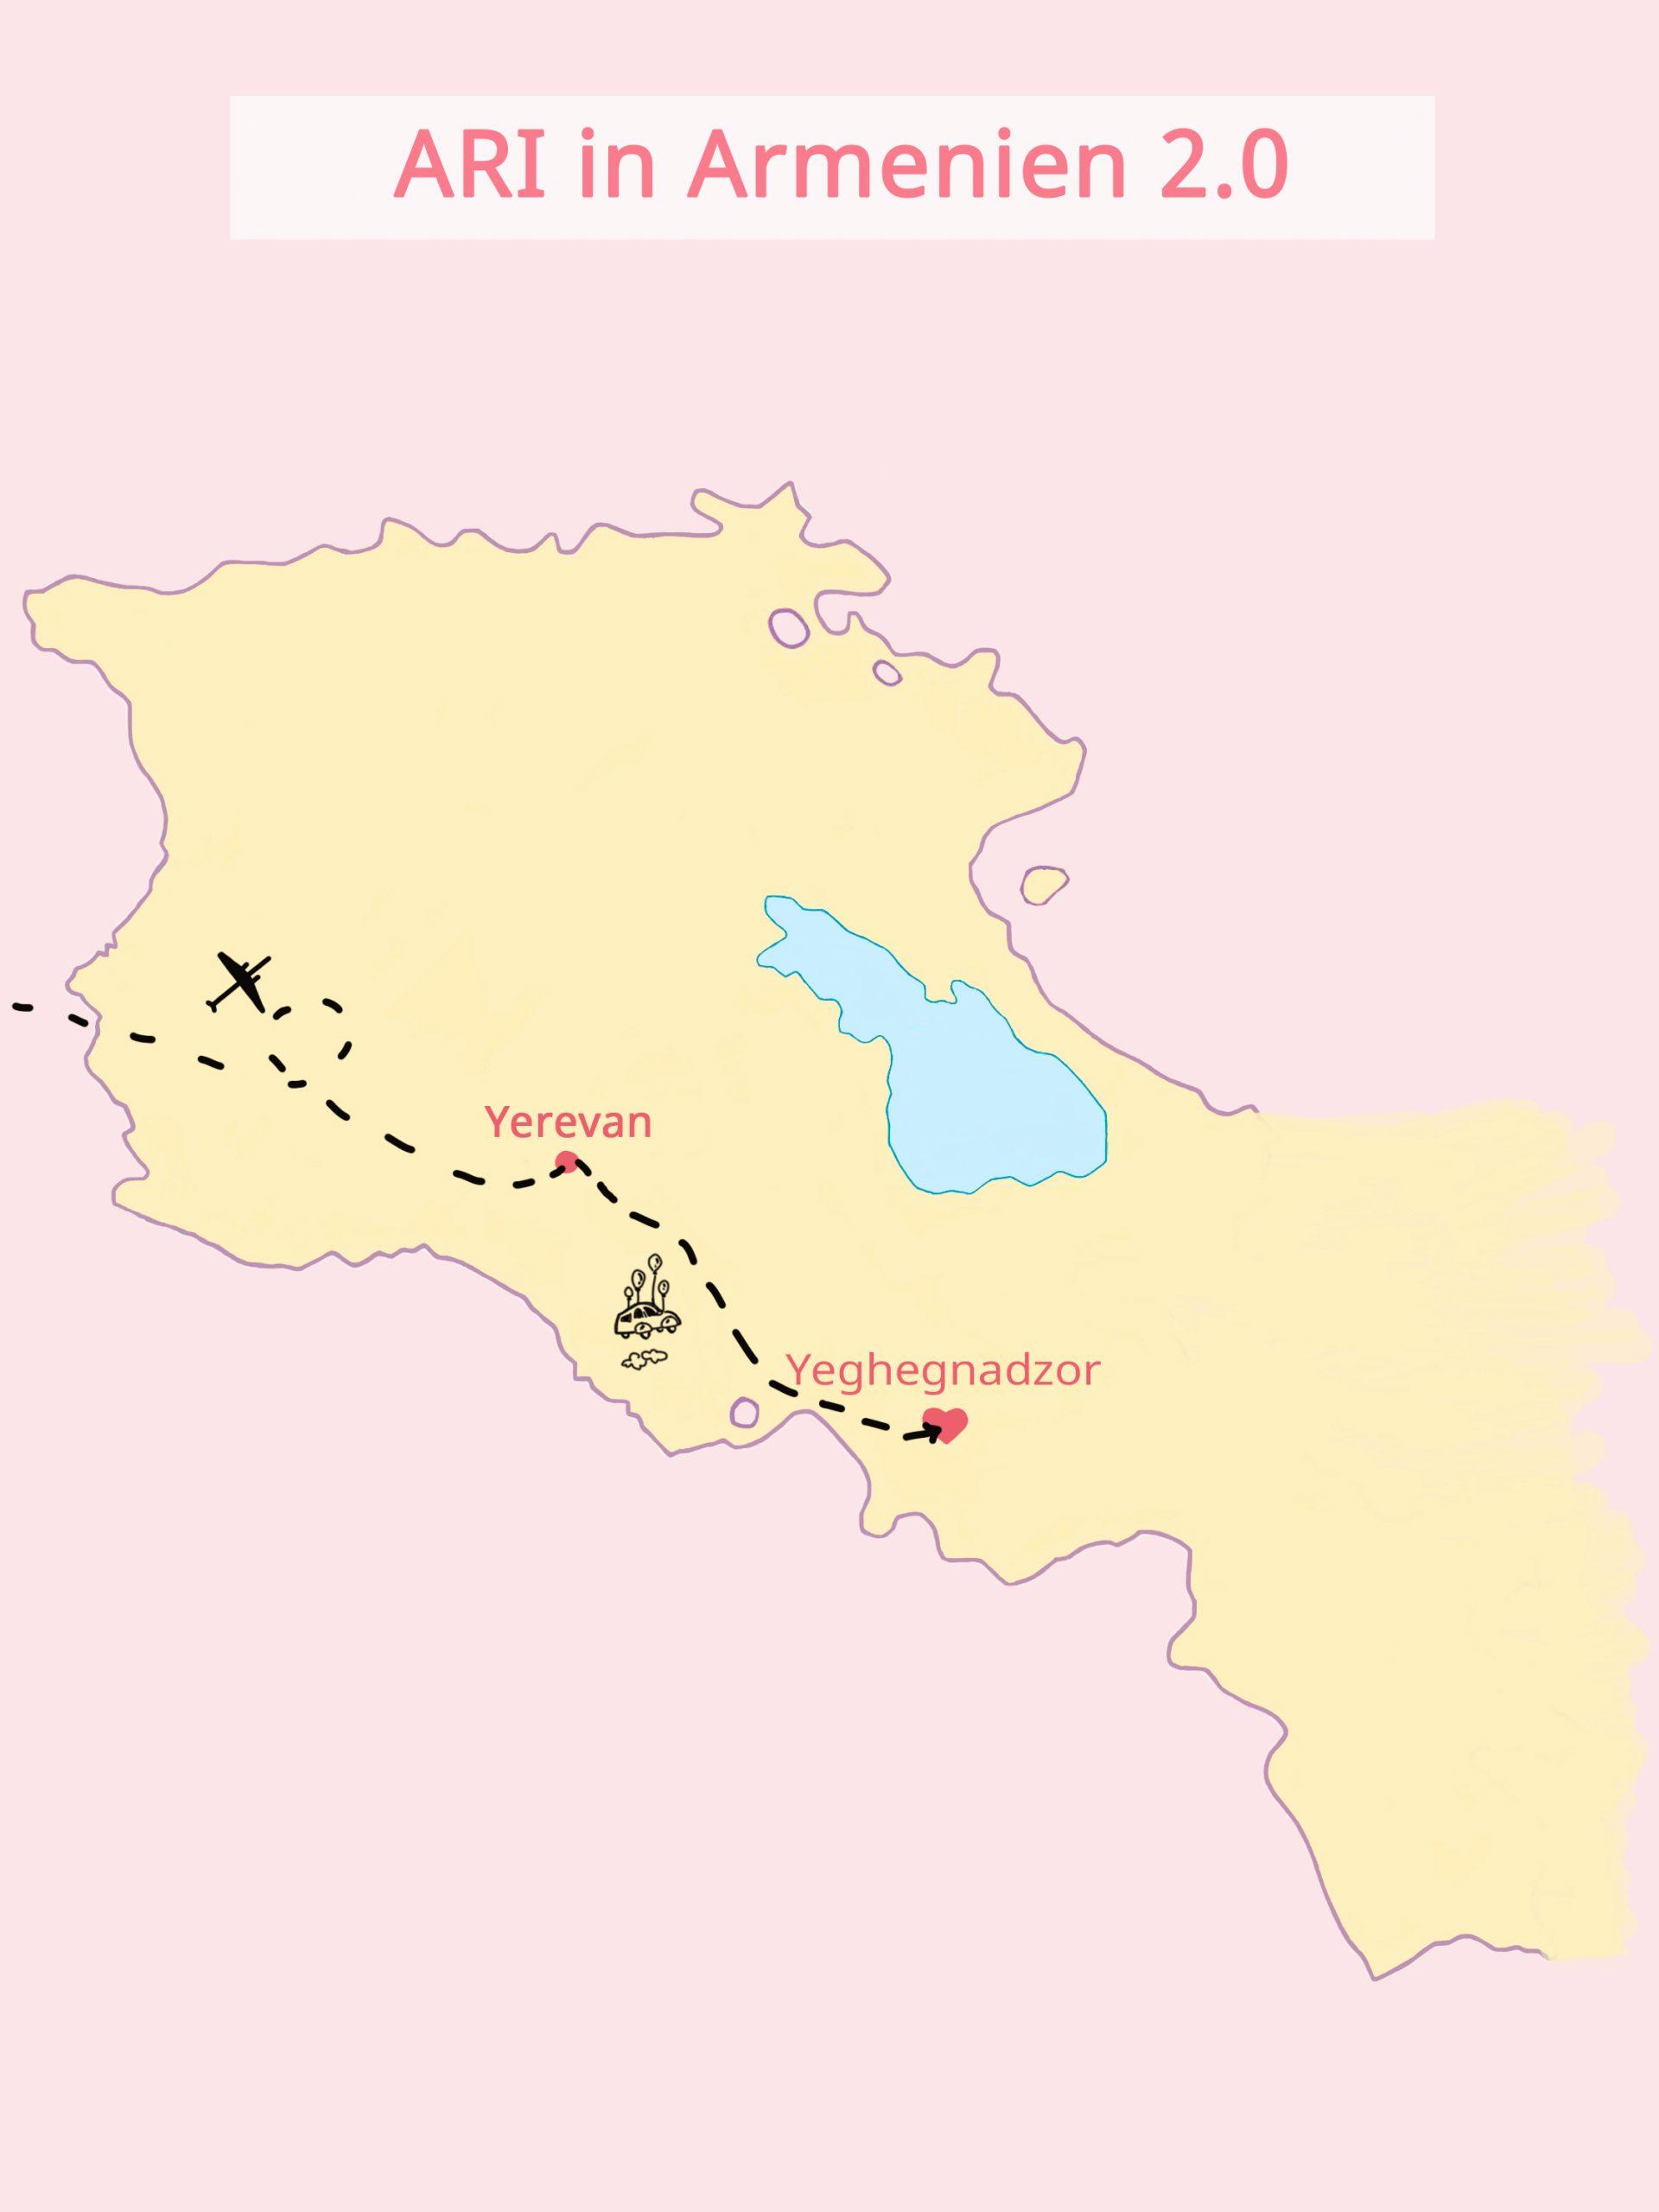 ARI - Kinder- und Jugendcamp in Armenien Karte